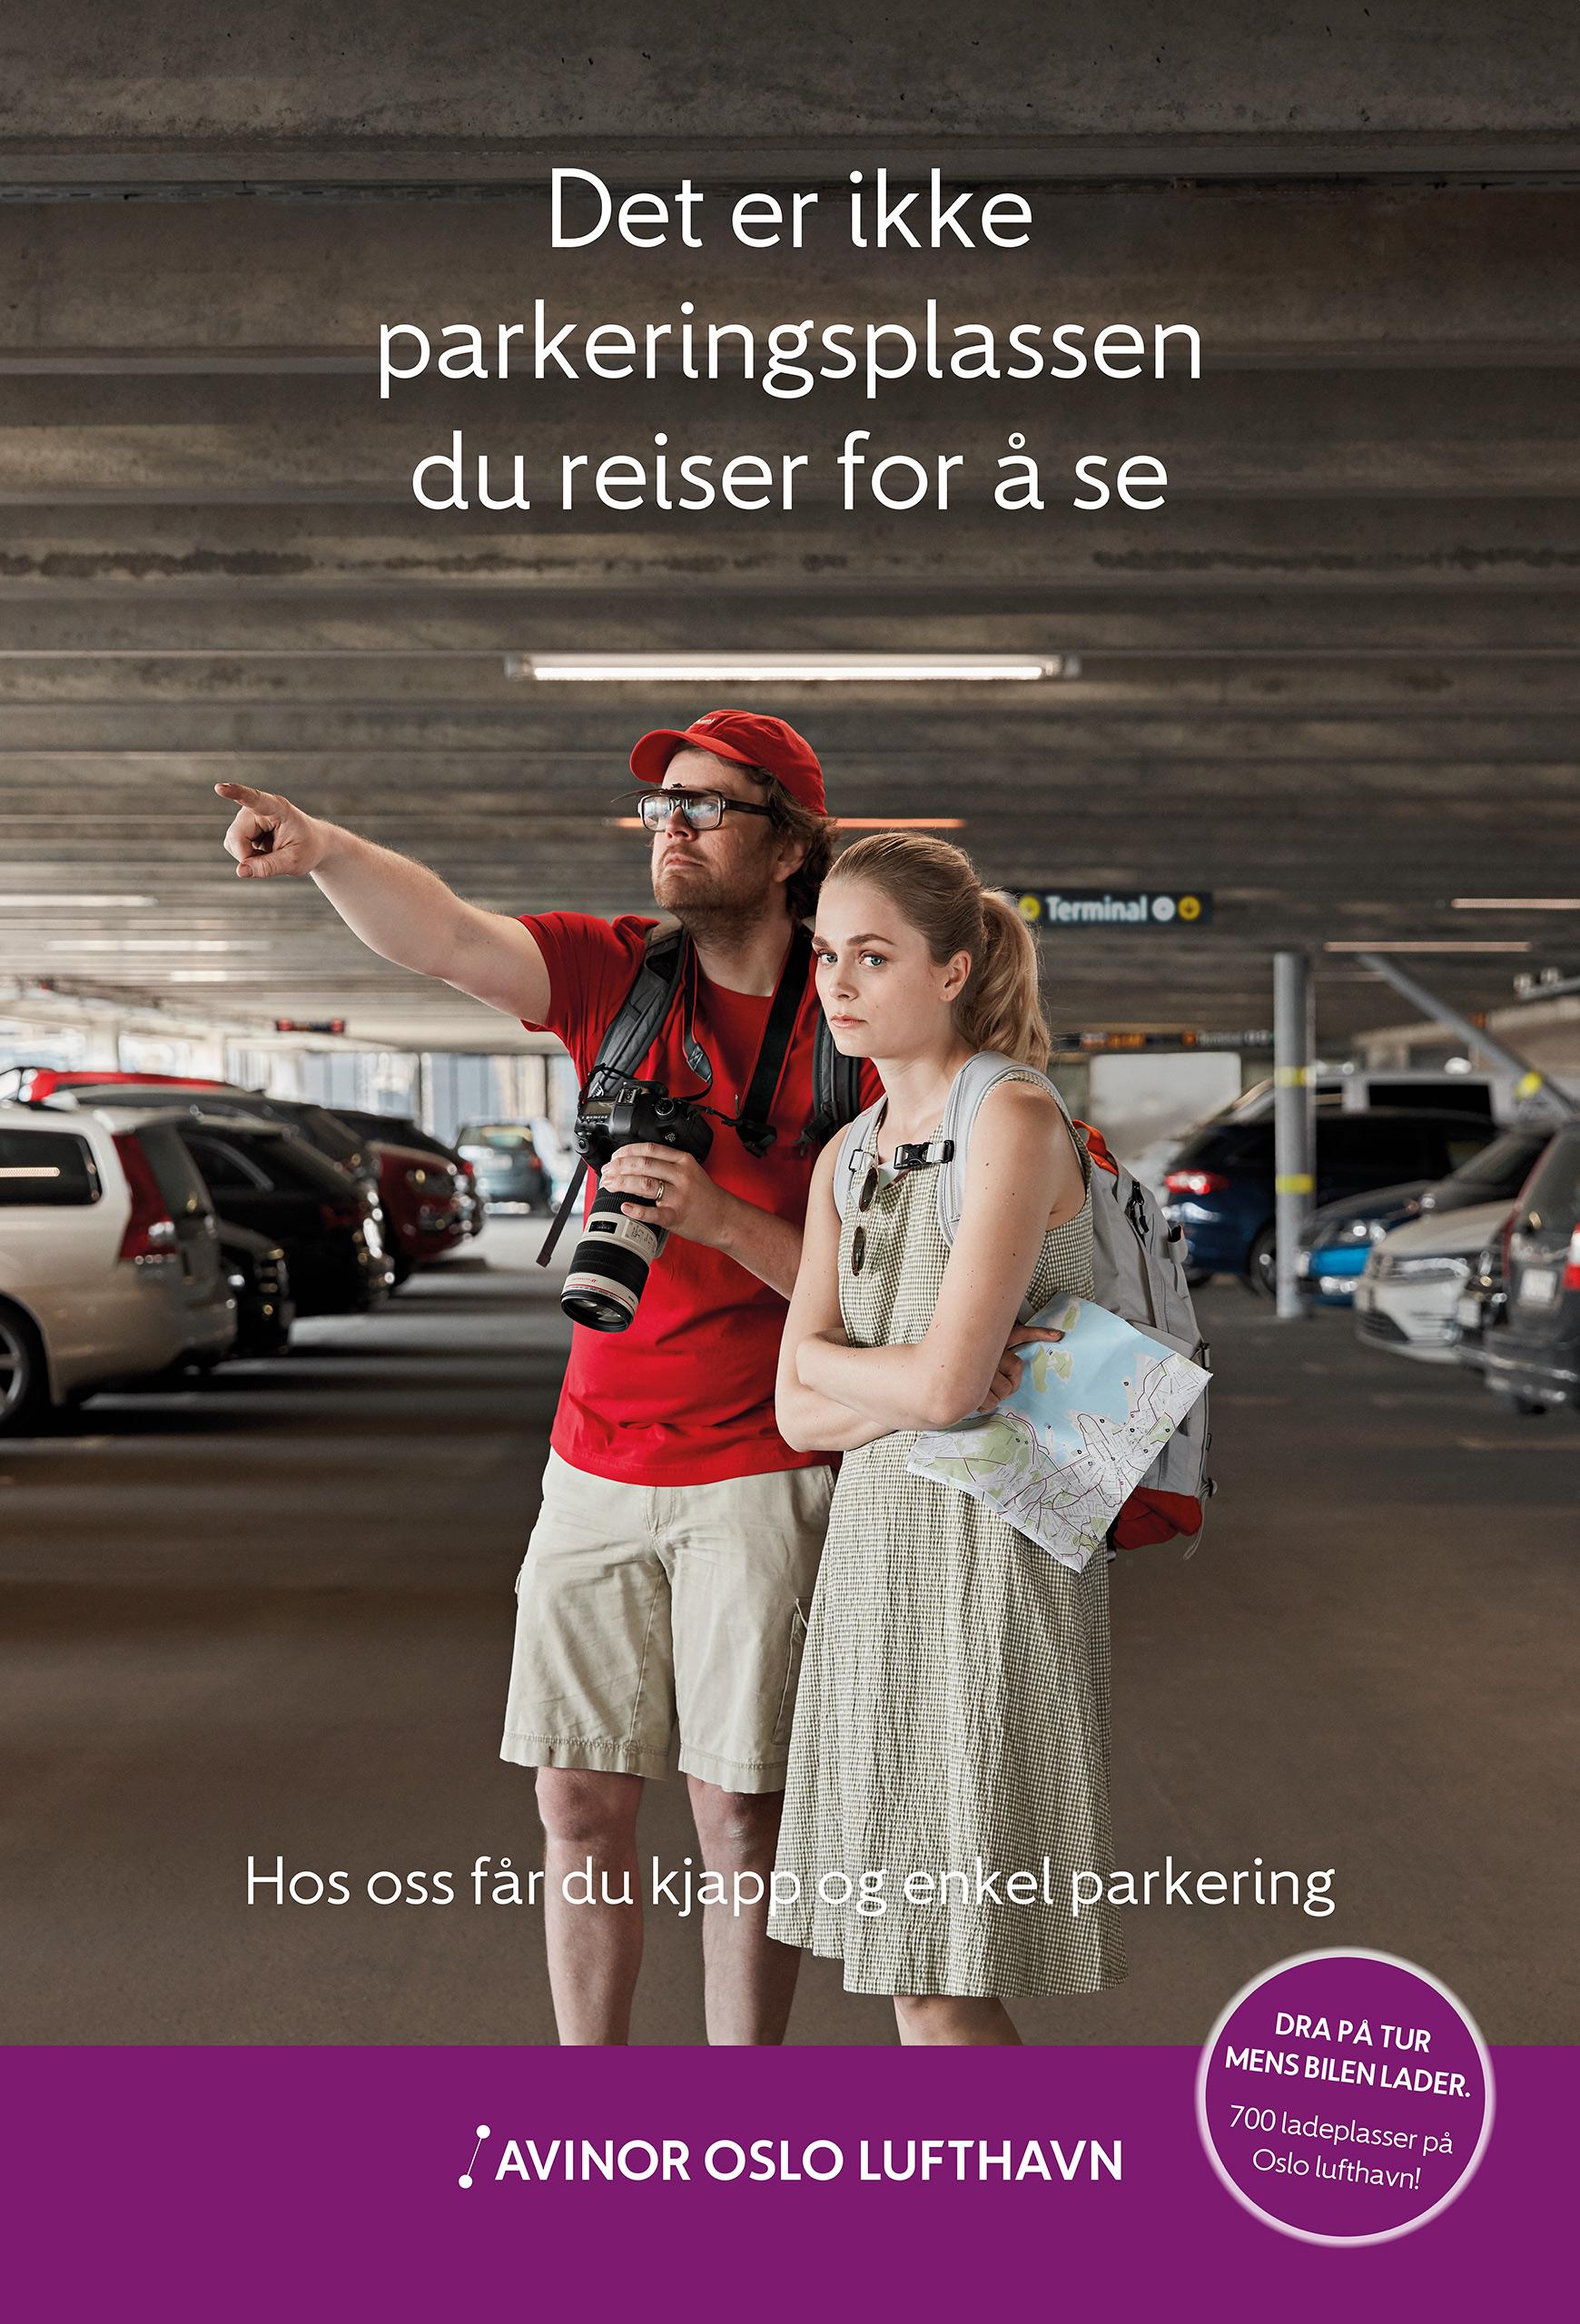 Marius_Viken_Pudder_Agency_Avinor_Oslo_Lufthavn_One_Park_003.jpg